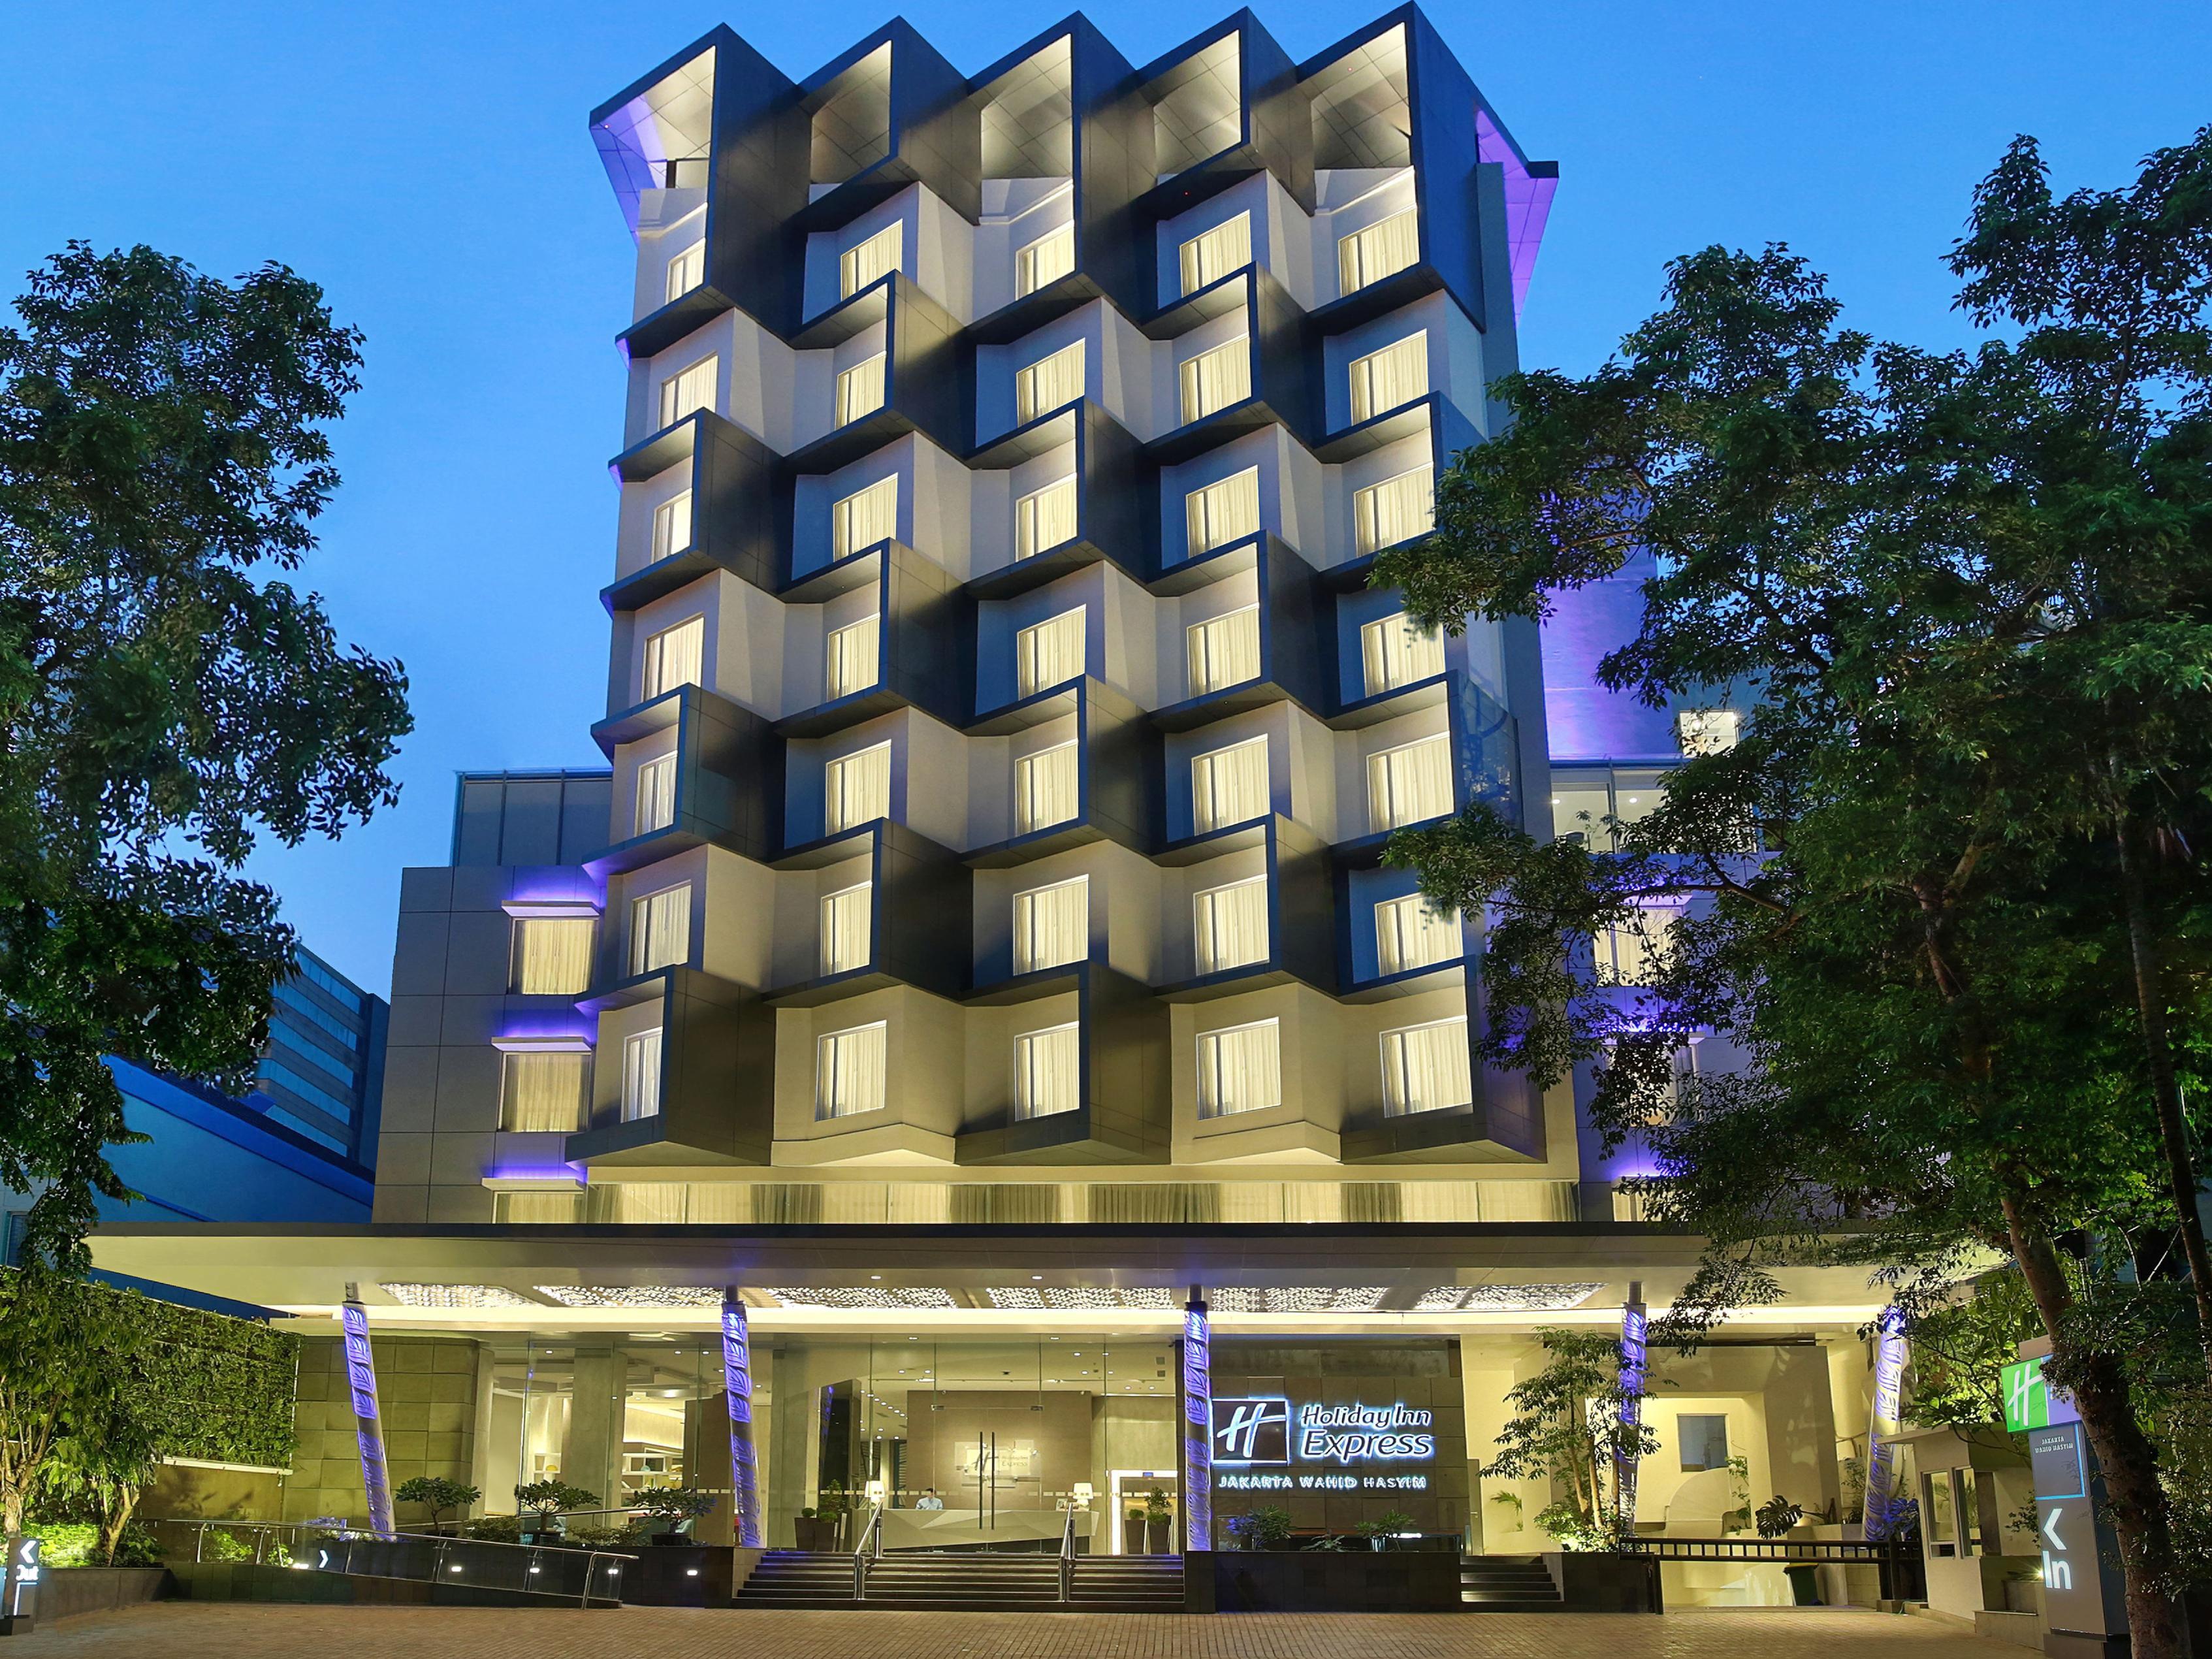 Holiday Inn Express Jakarta Wahid Hasyim Hotel By Ihg